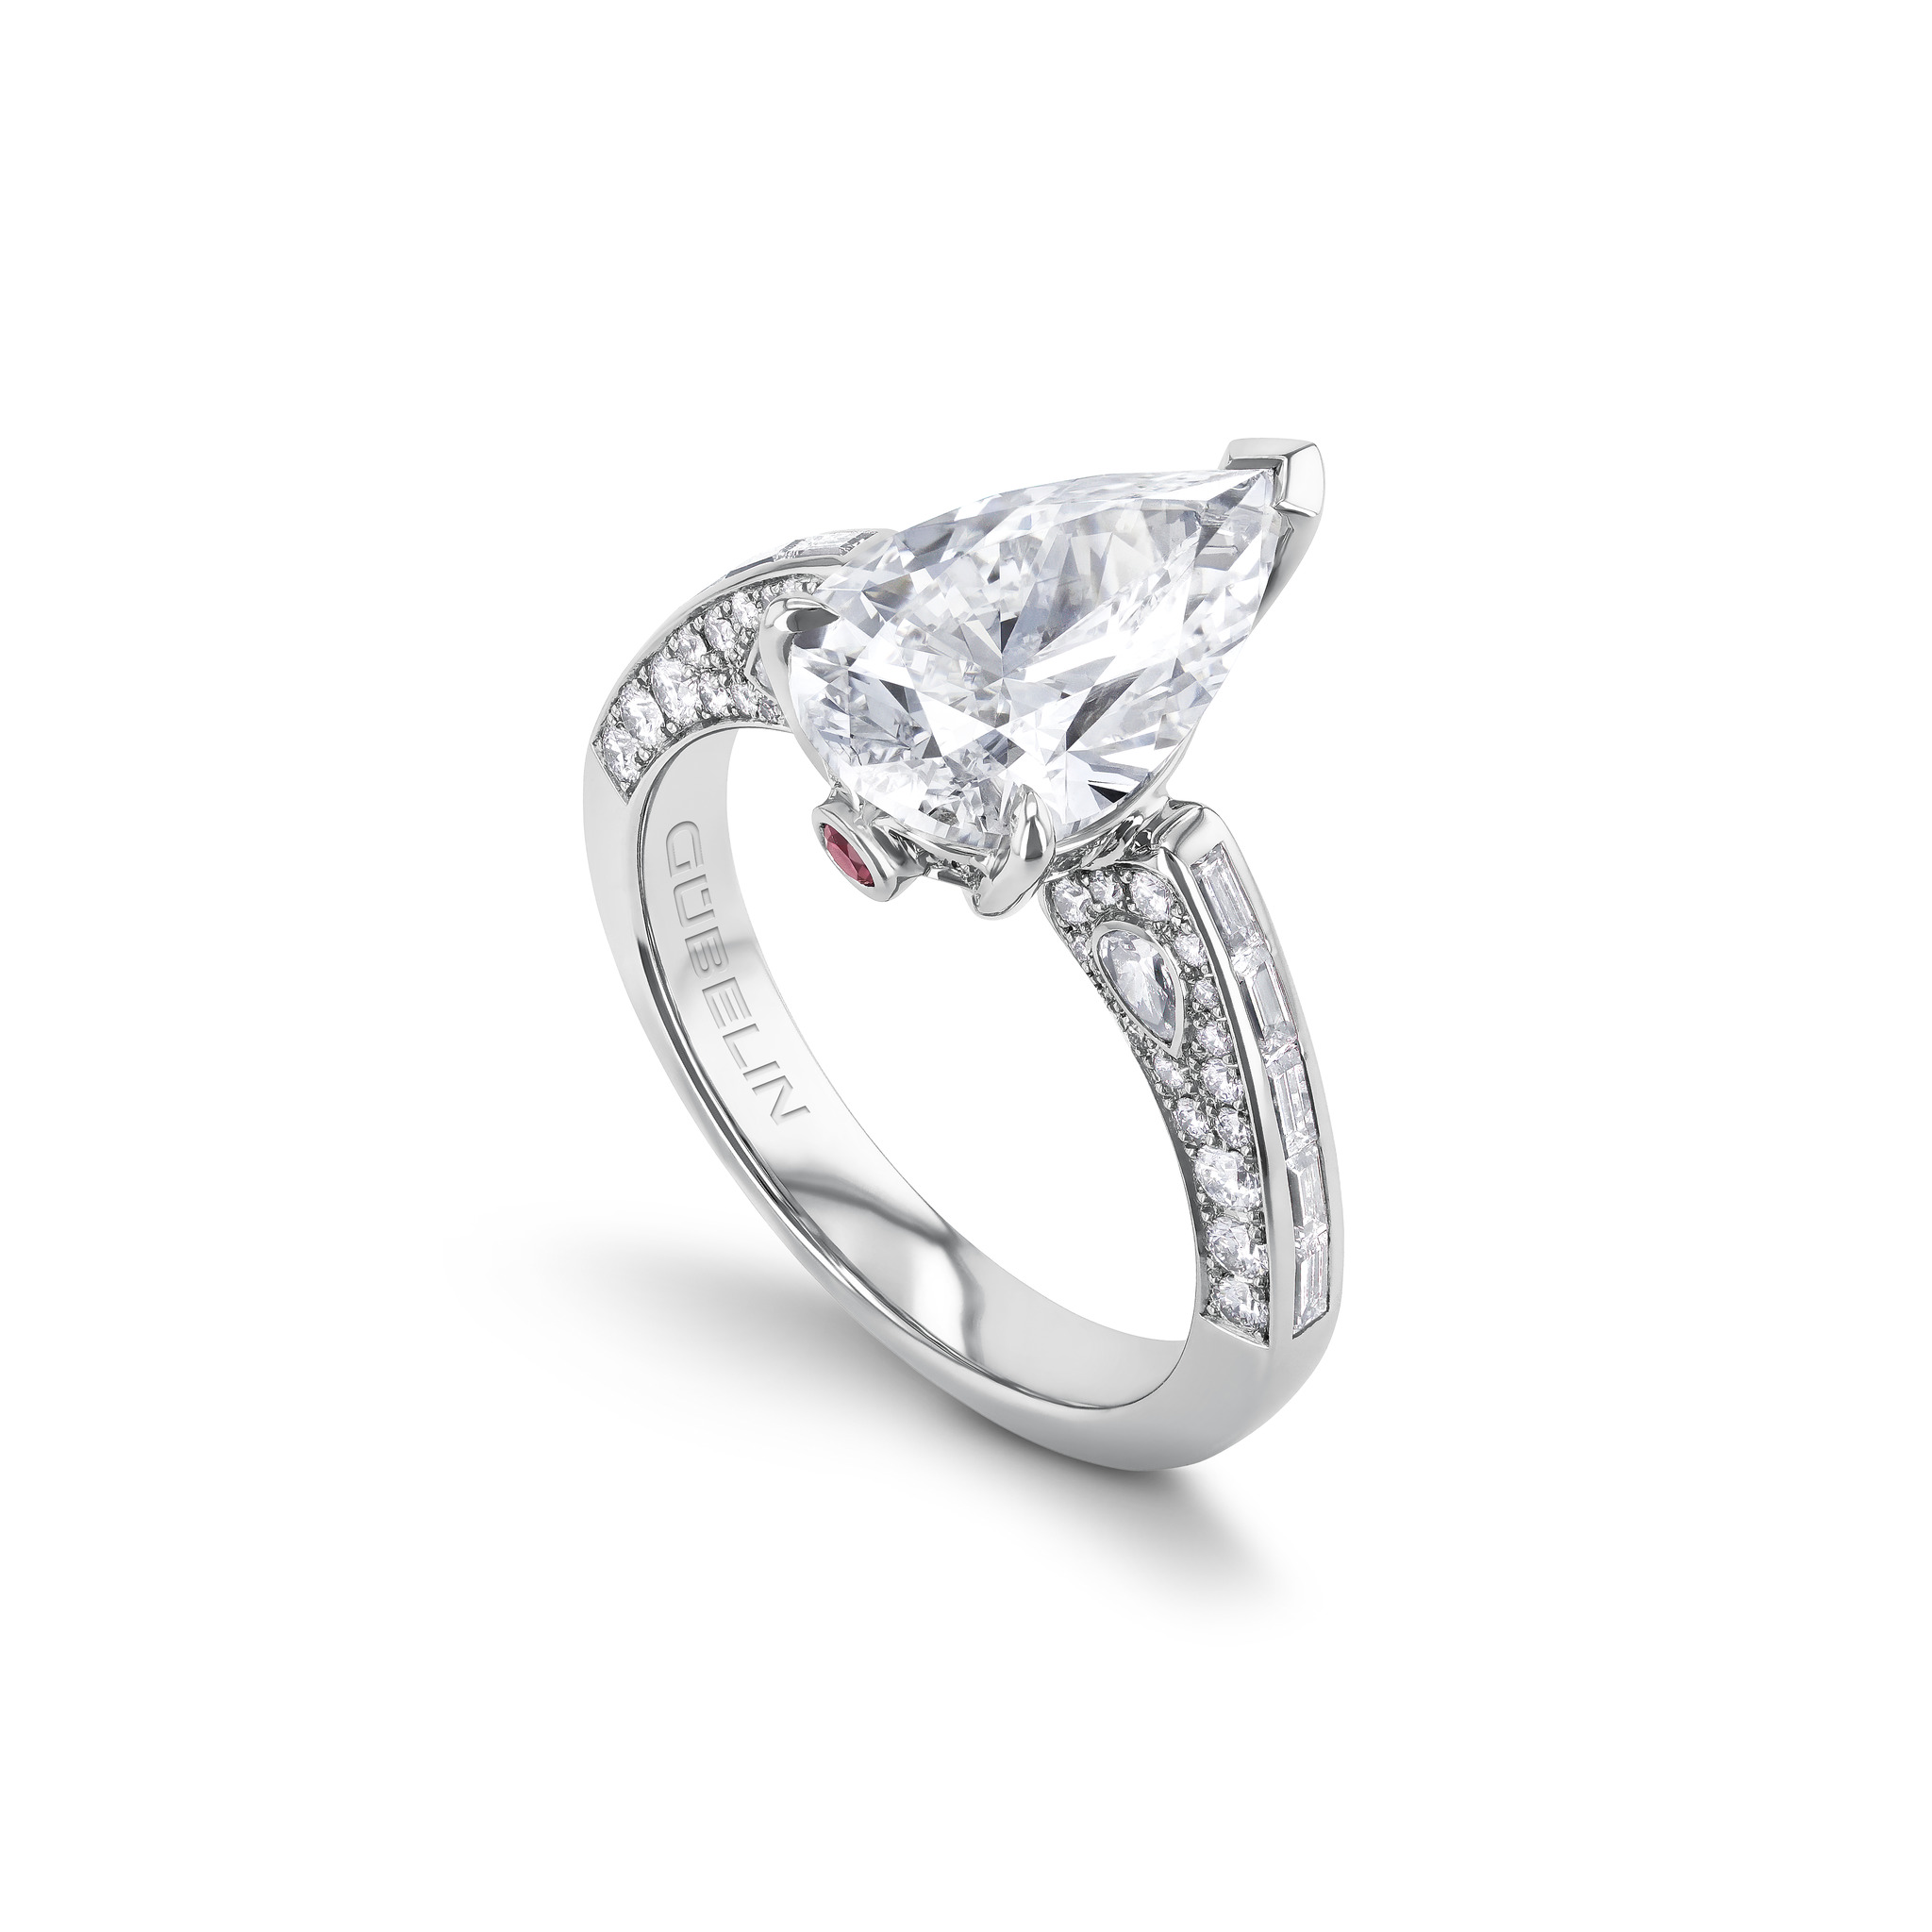 戒指镶嵌钻石